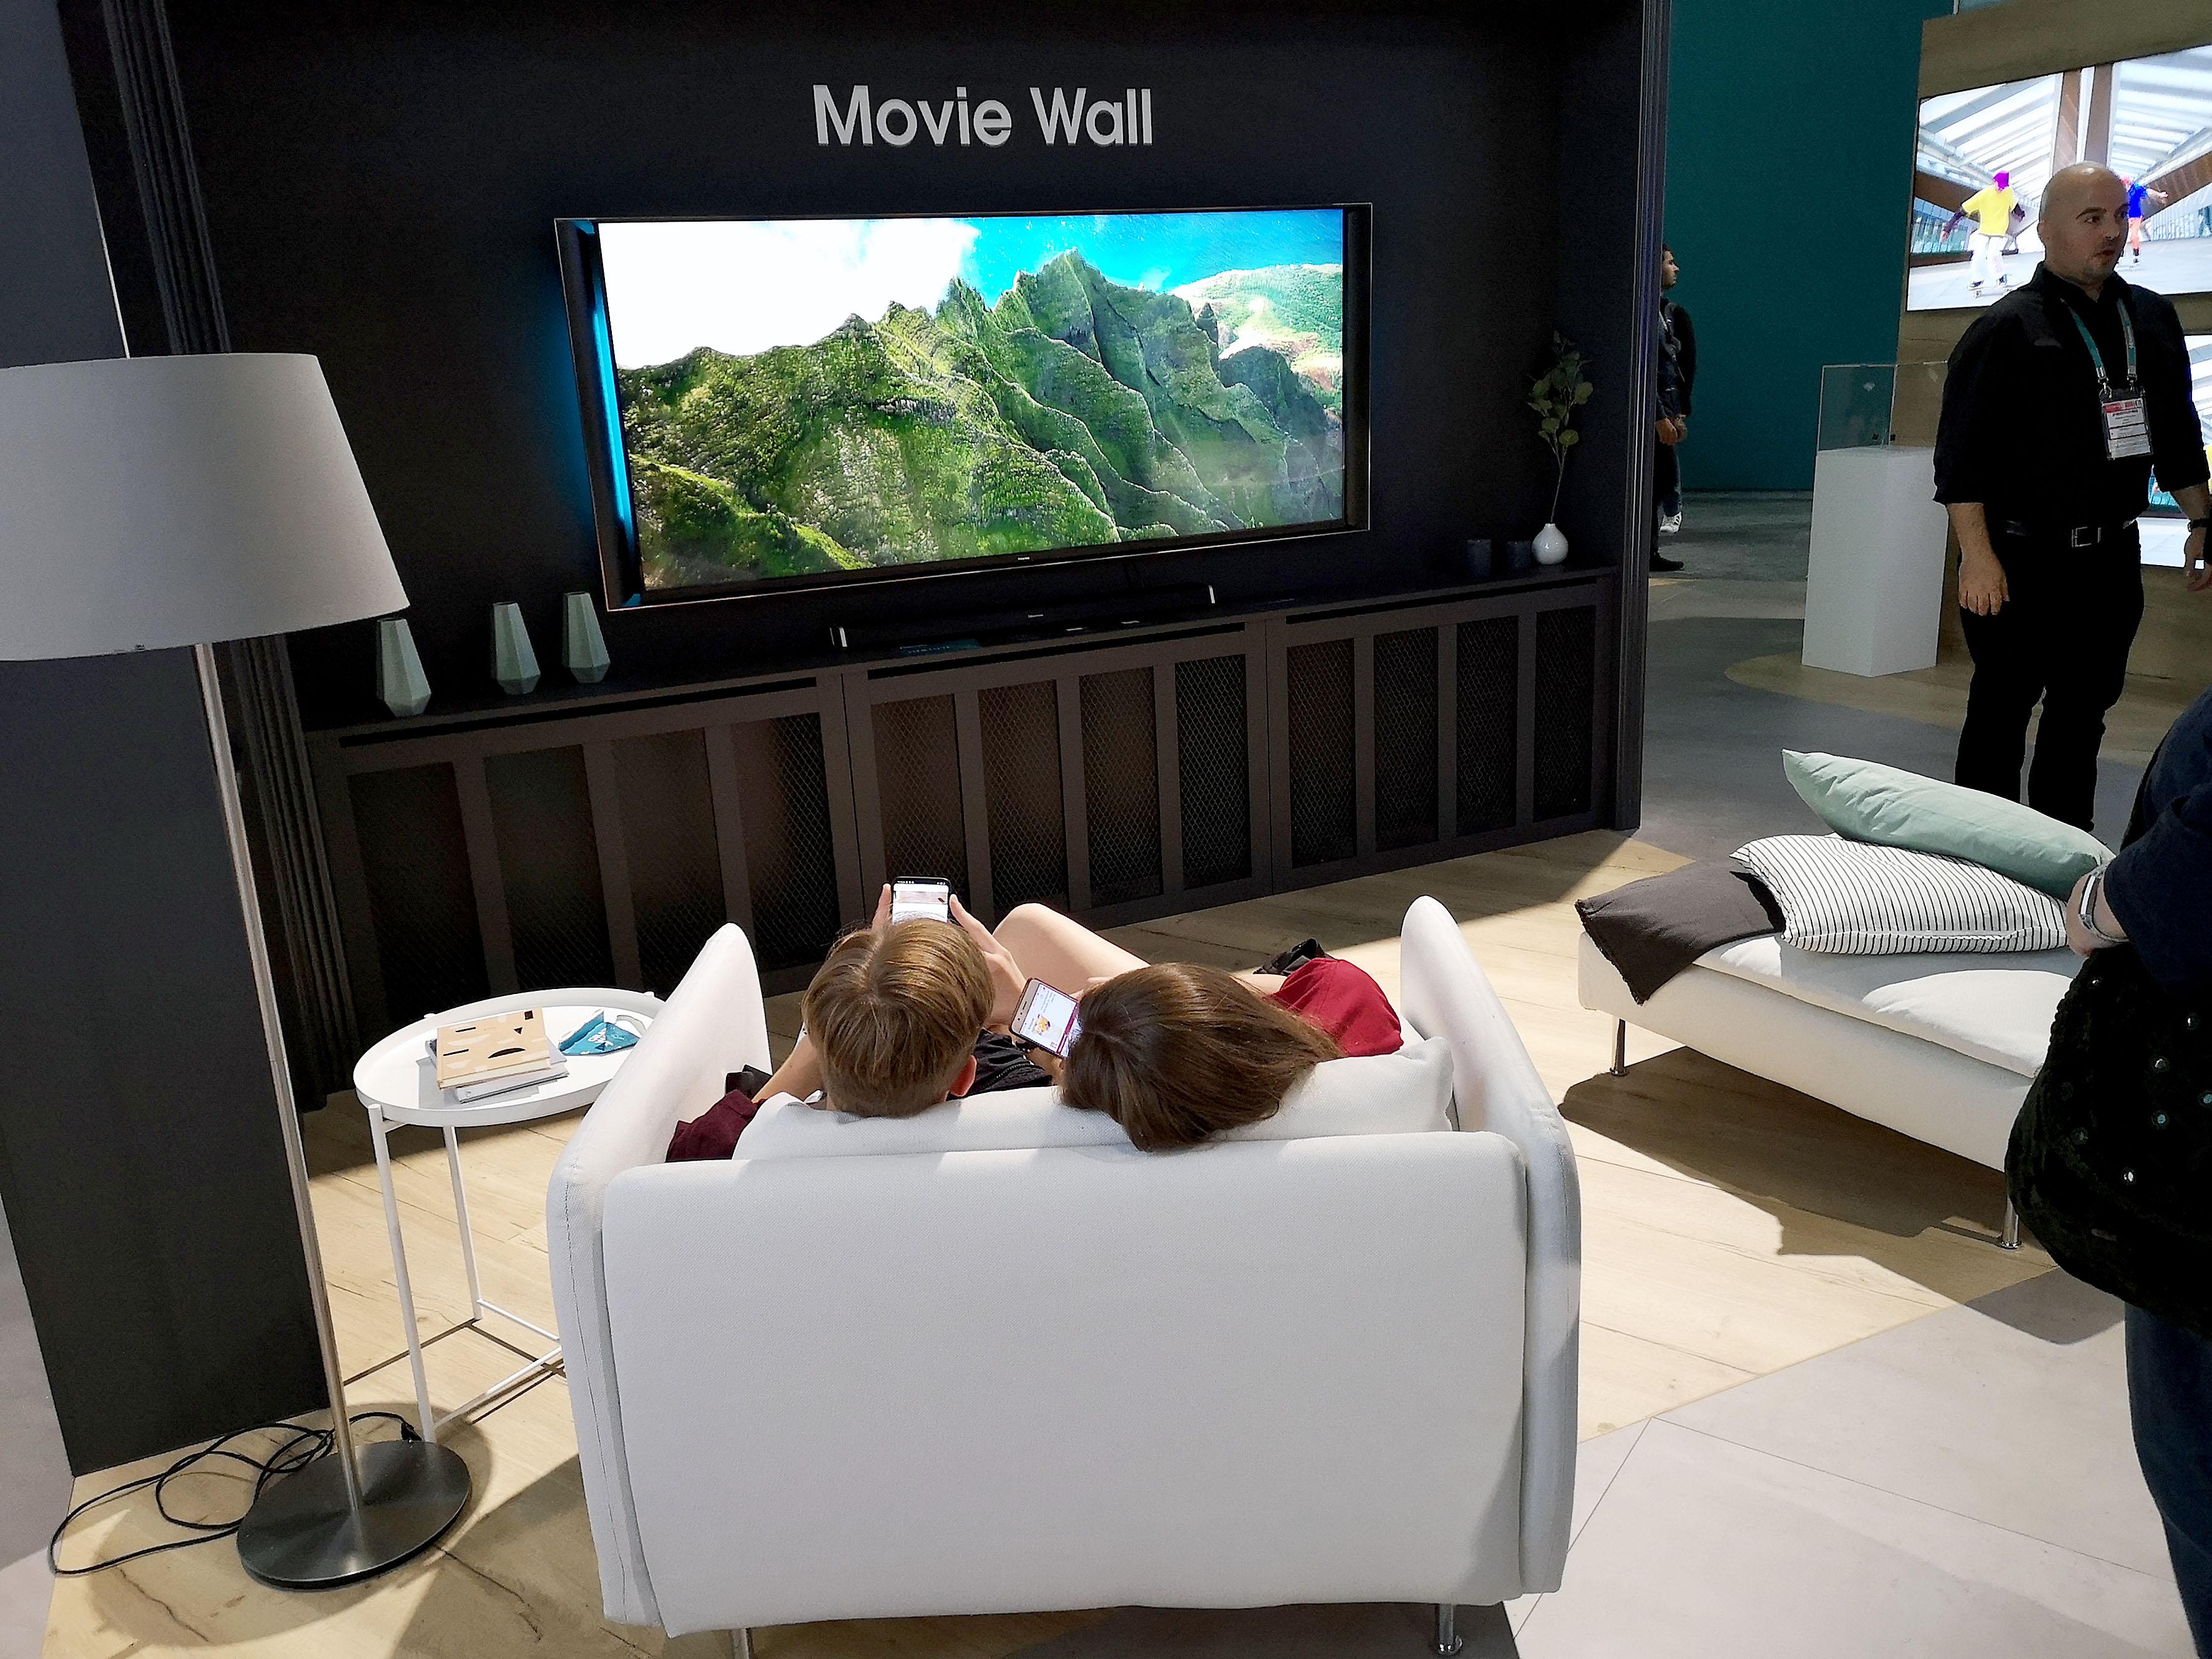 Foto: Michael B. Rehders - Wer es hingegen klassischer mag, dem bietet der Hersteller eine Mediawand zum gemütlichen Fernsehgenuss.